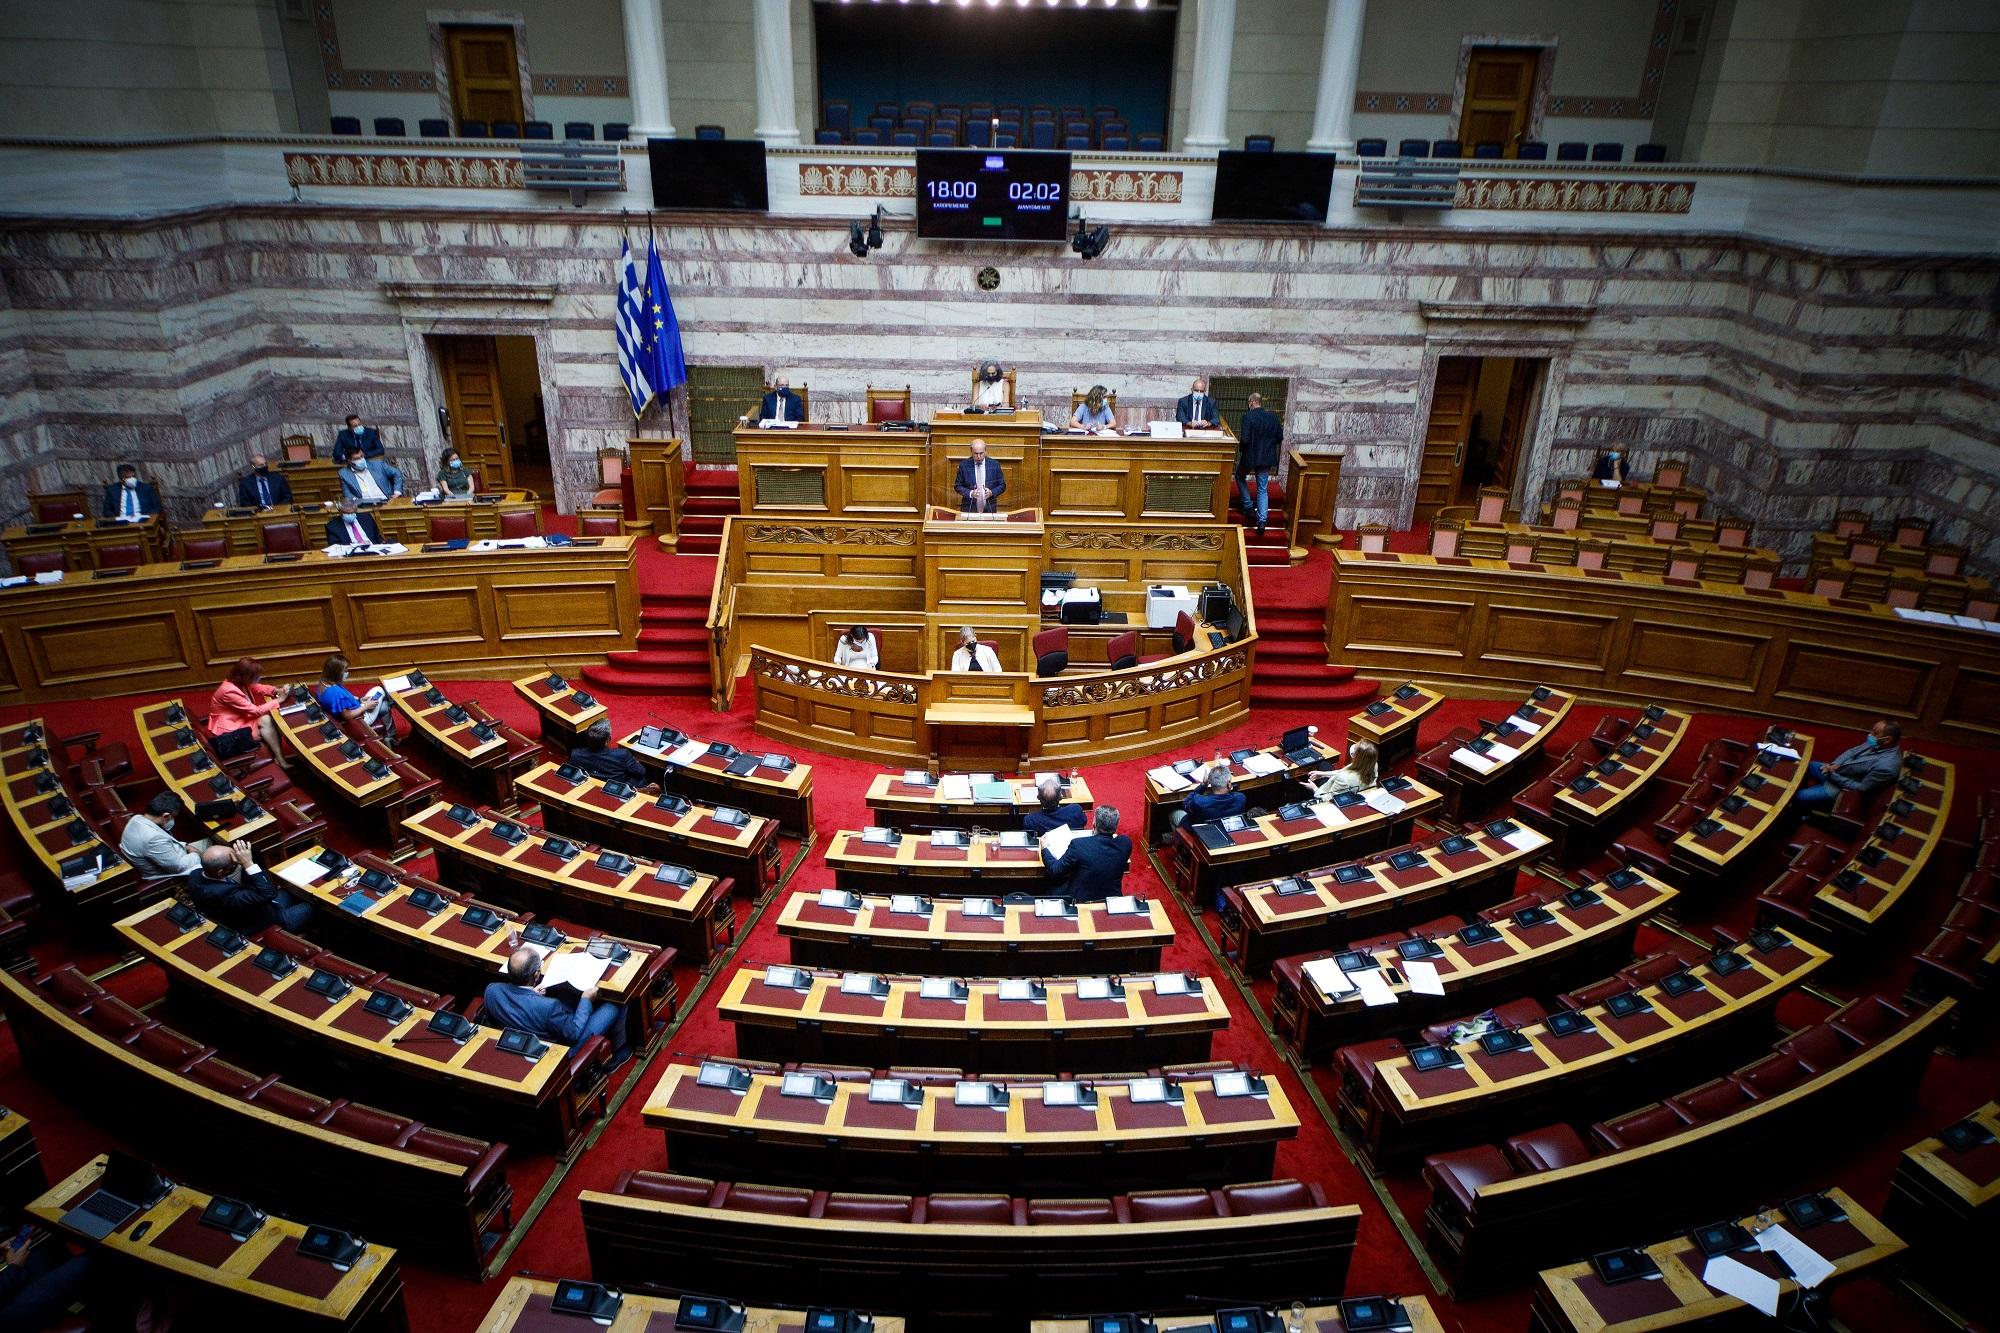 Κατά πλειοψηφία ψηφίσθηκε στη Βουλή ο Κώδικας για τη Θαλάσσια Πολιτική